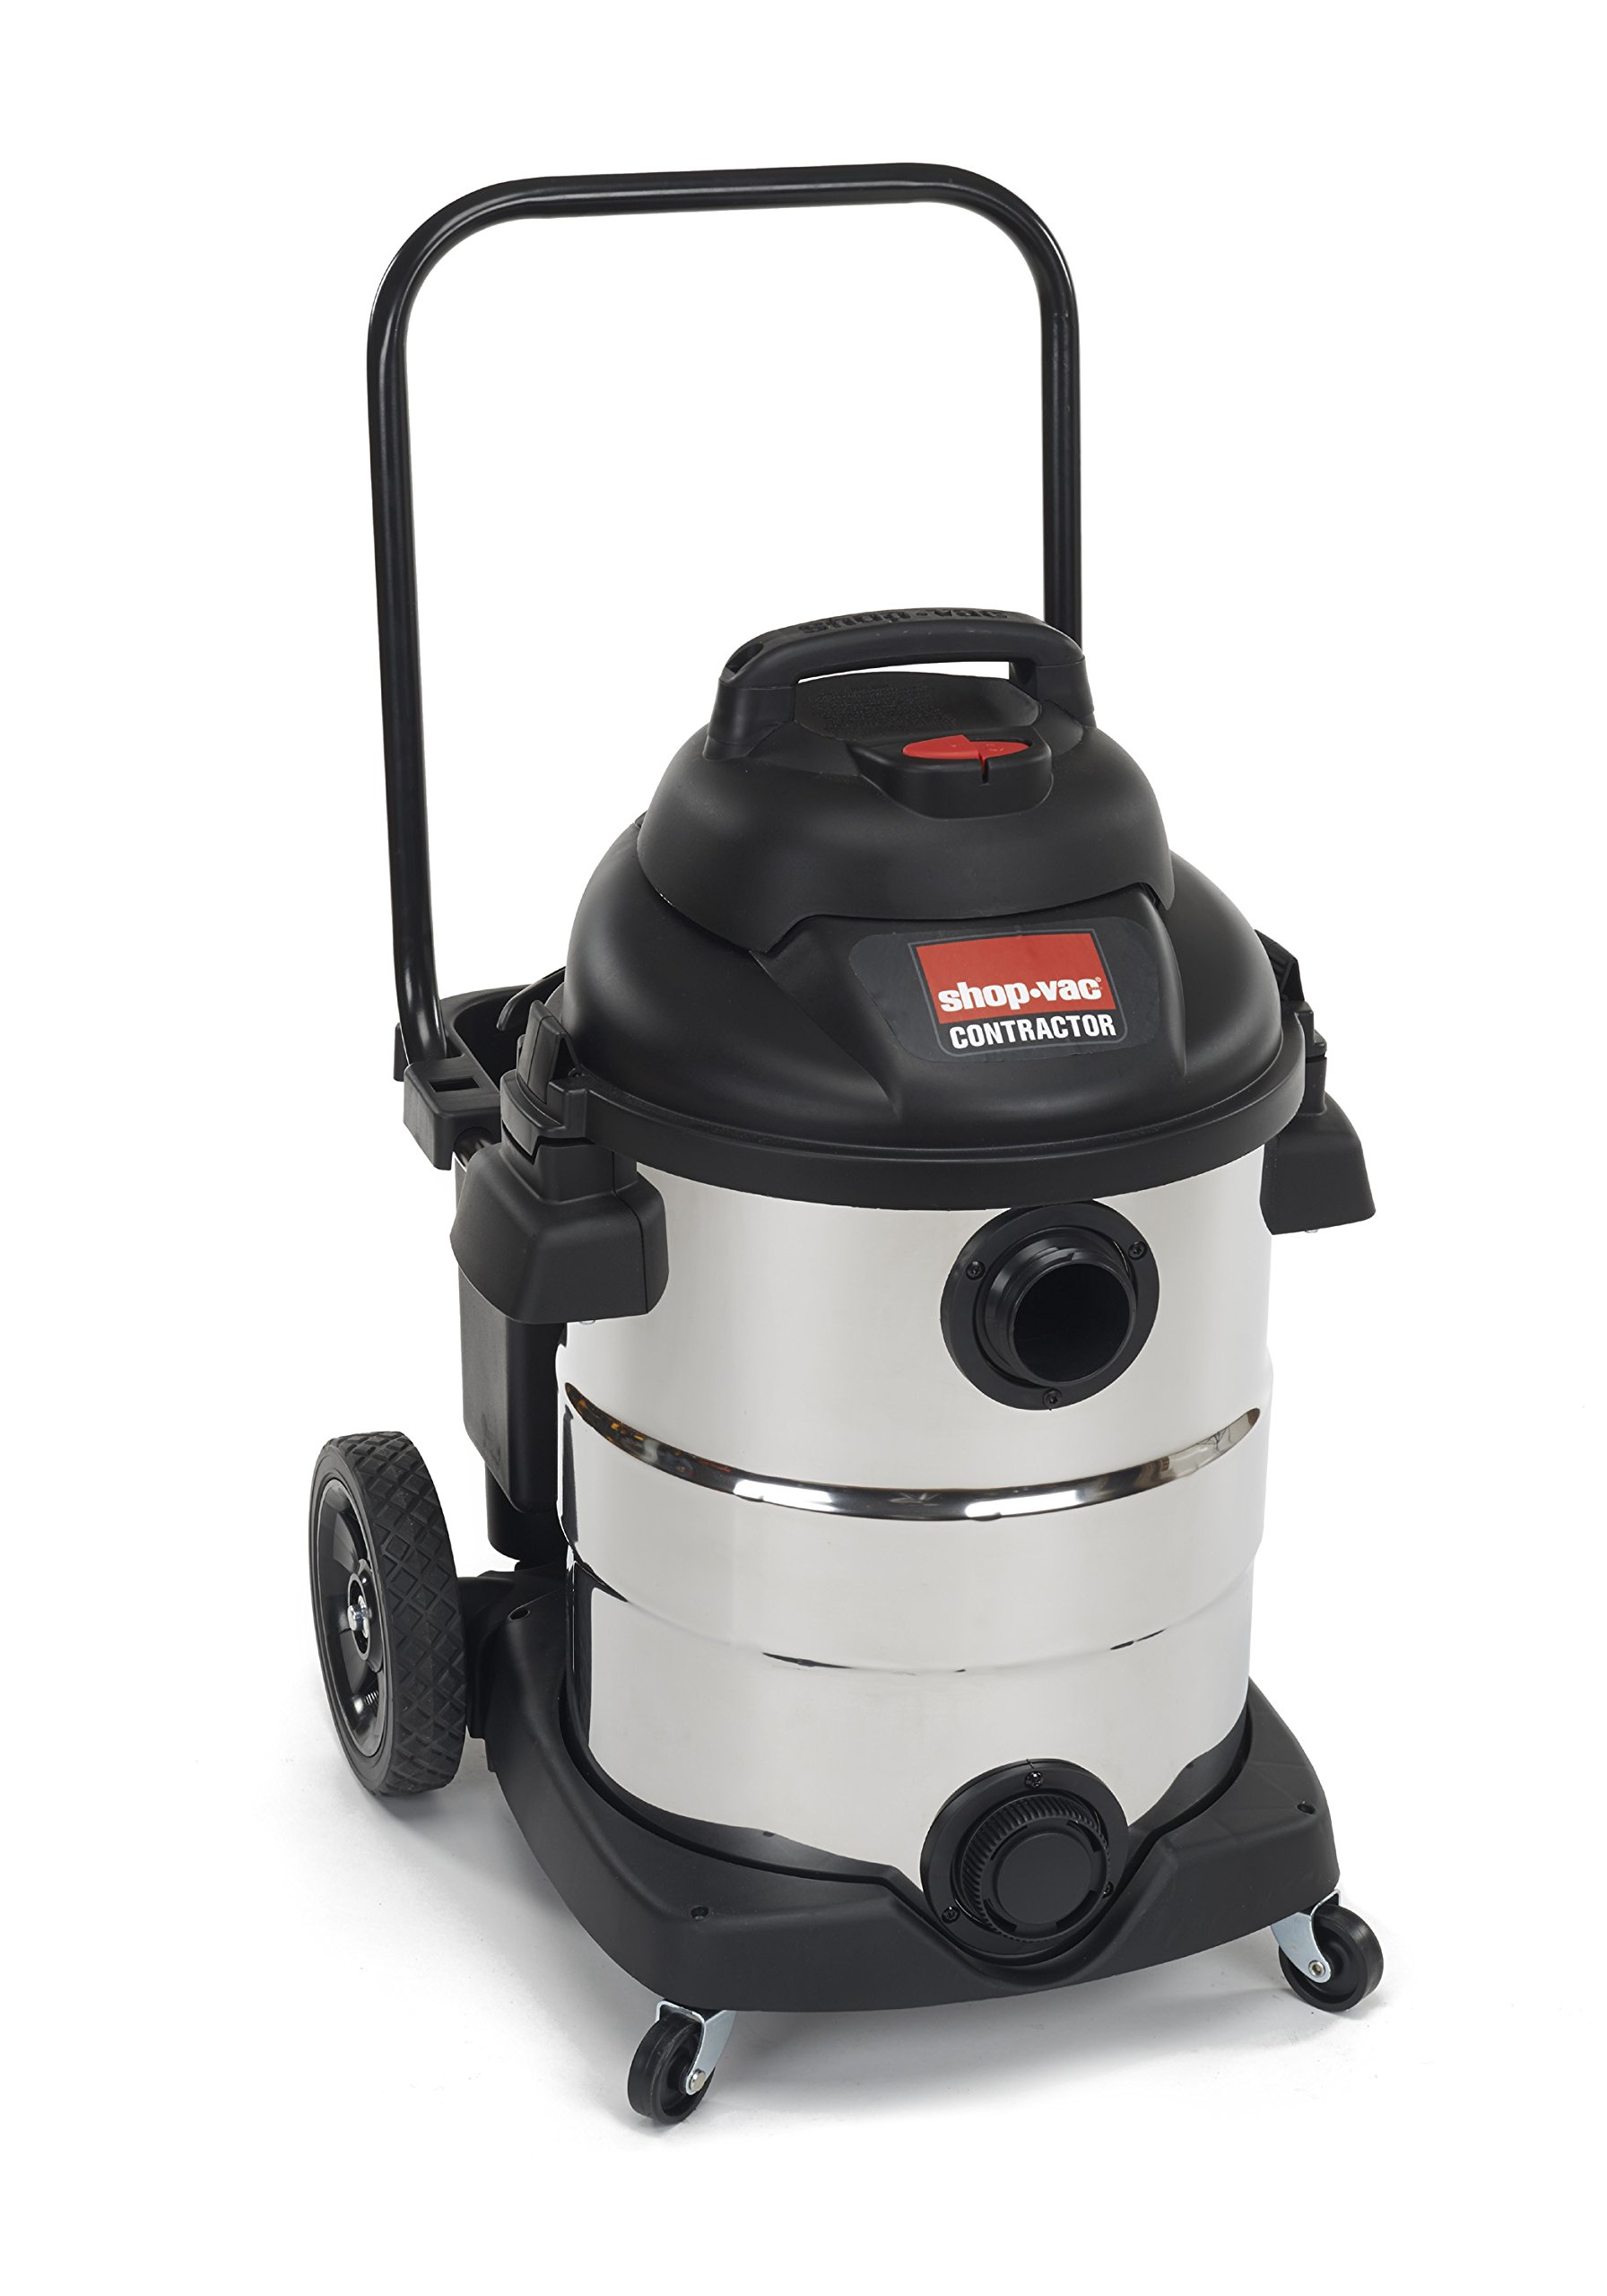 Shop-Vac 9626510 6.5 Peak HP Stainless Steel Wet Dry Vacuum, 10-Gallon